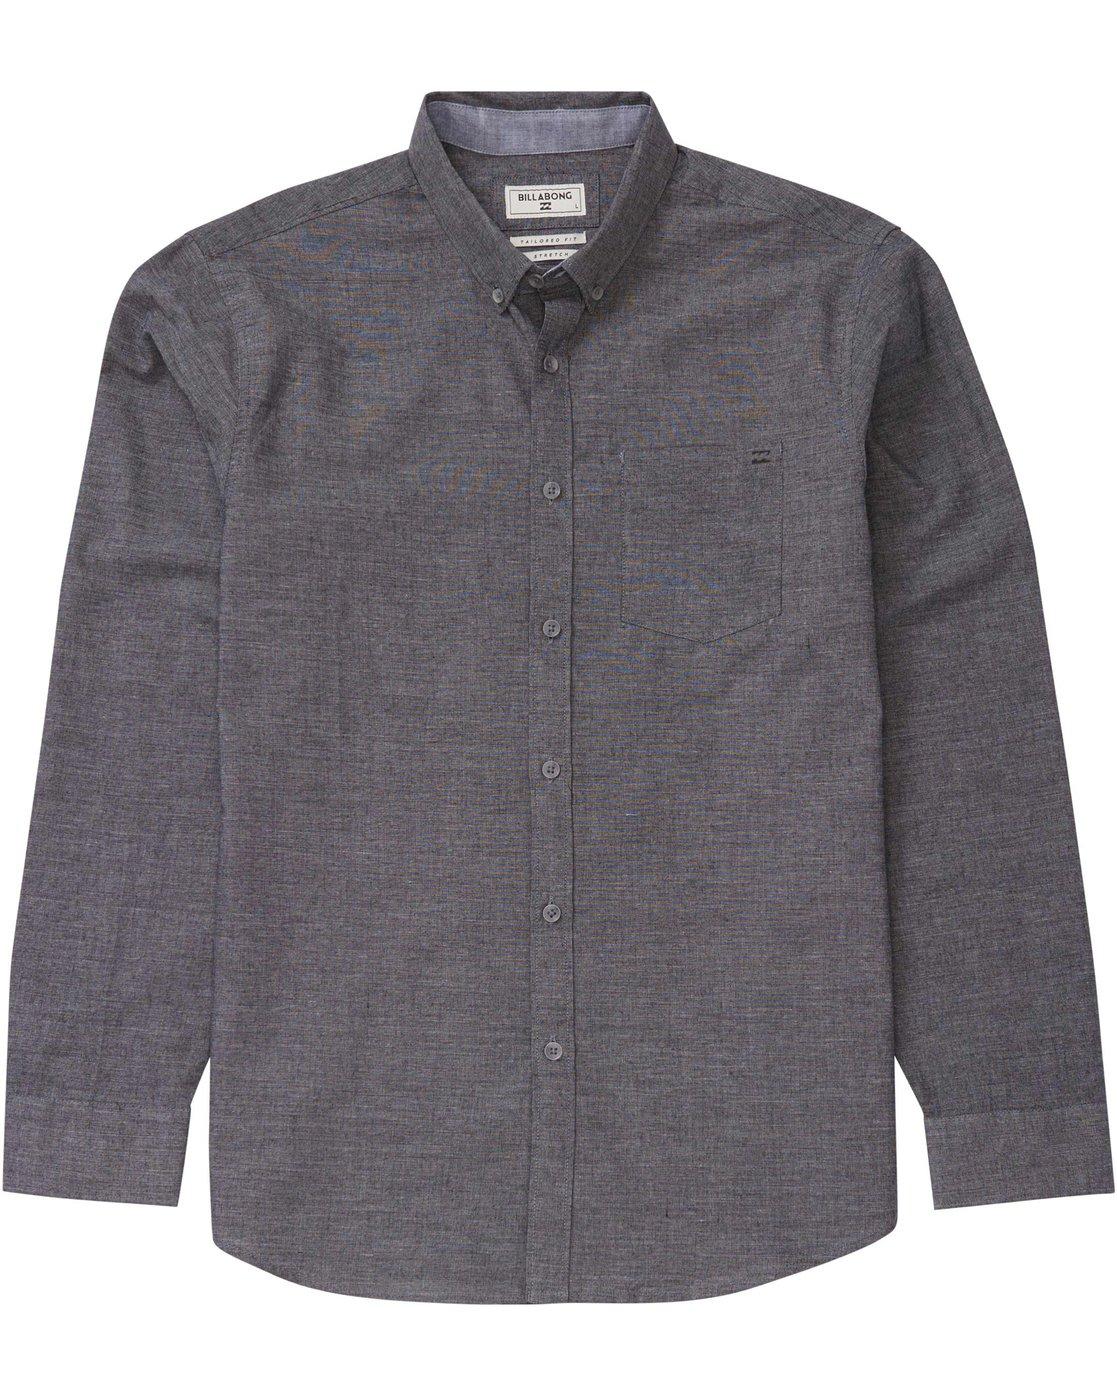 6f4bebfa 0 All Day Long Sleeve Chambray Shirt M517GALS Billabong